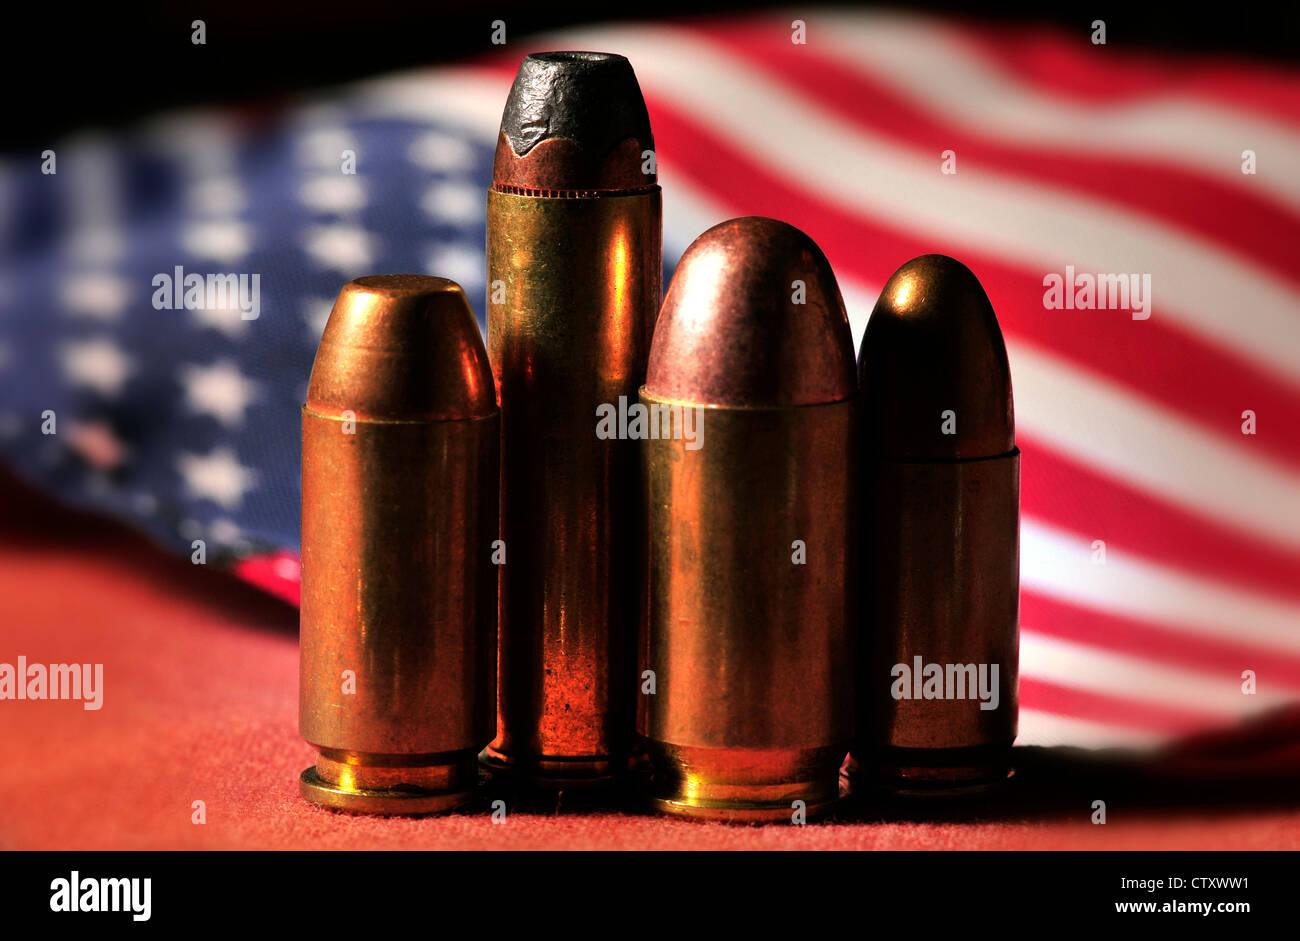 Nichtbezahlten Runden von Waffen mit einer amerikanischen Flagge. Stockbild